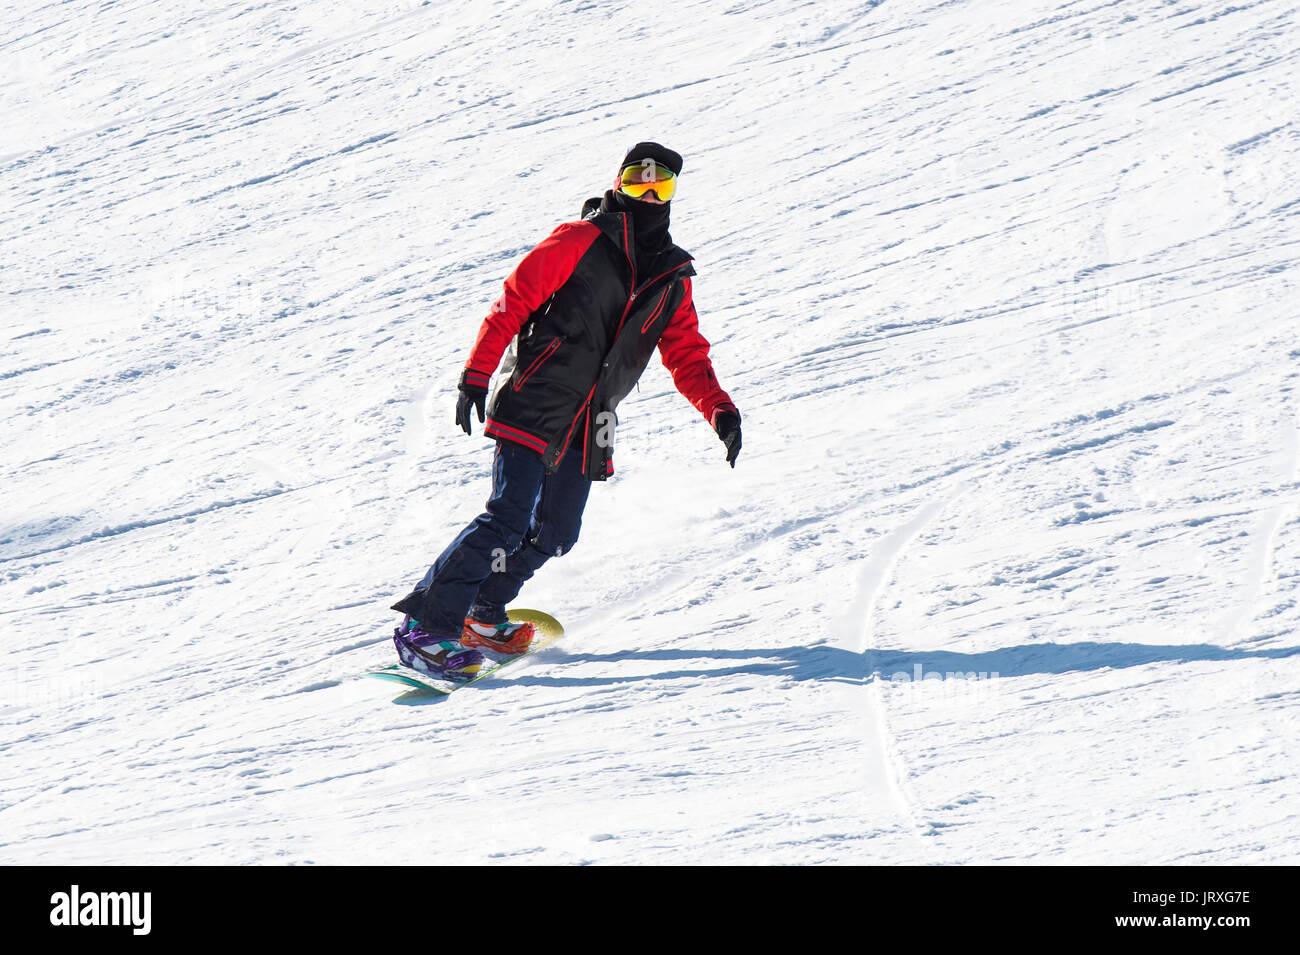 DEOGYUSAN,KOREA - JANUARY 1: Skier skiing on Deogyusan Ski Resort in winter,South Korea on January 1, 2016. - Stock Image